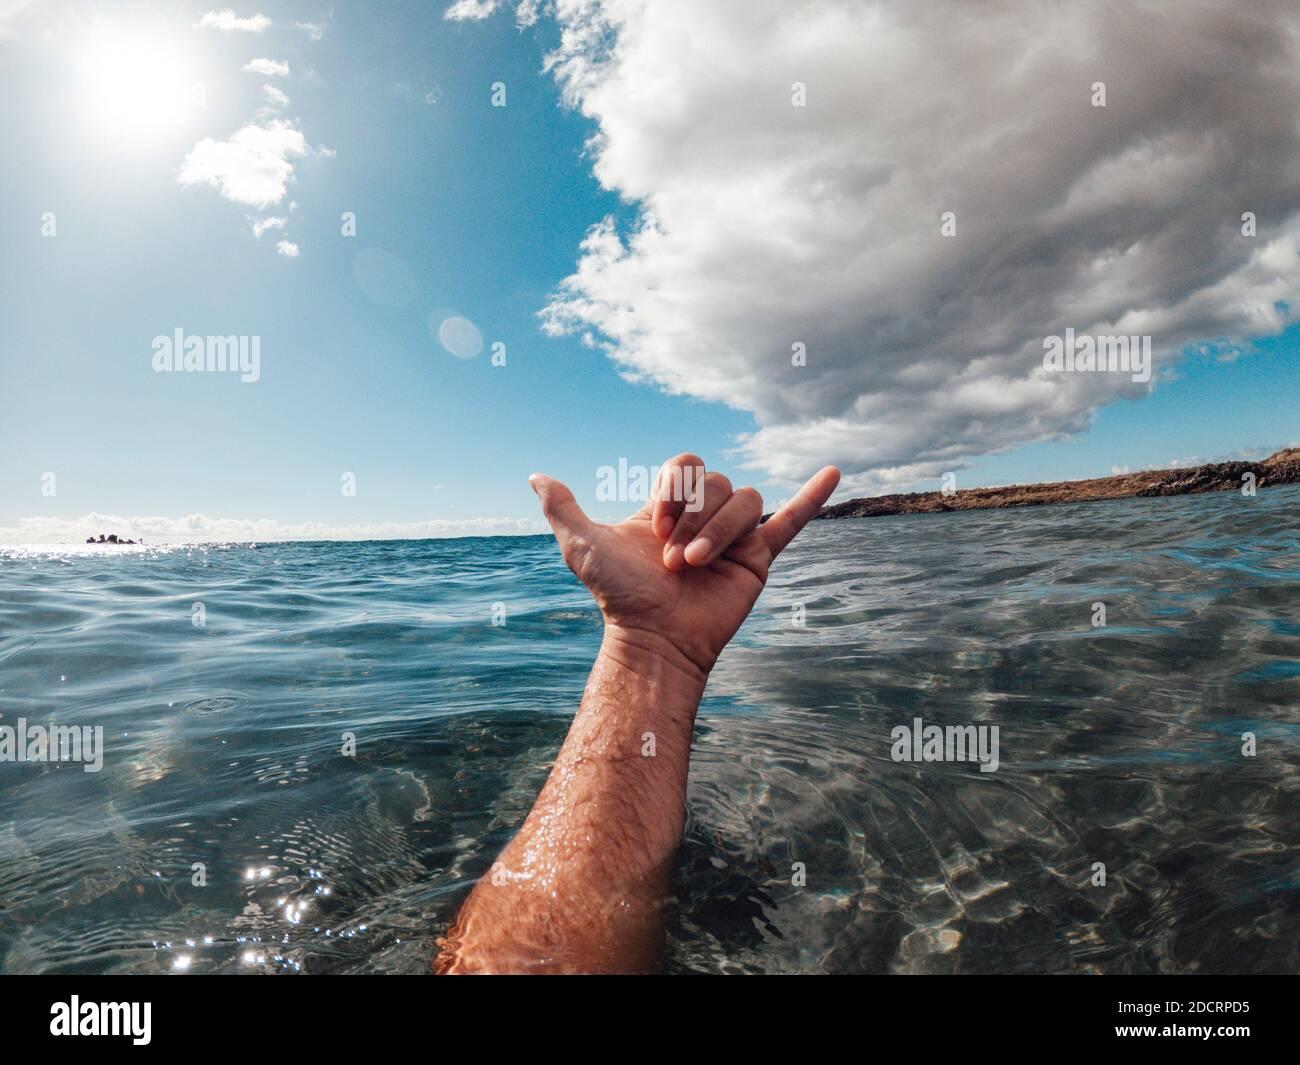 Uomo mani in surf segno hallo fuori dal blu oceano acqua con costa e bel cielo in background - concetto di persone e vacanze estive Foto Stock